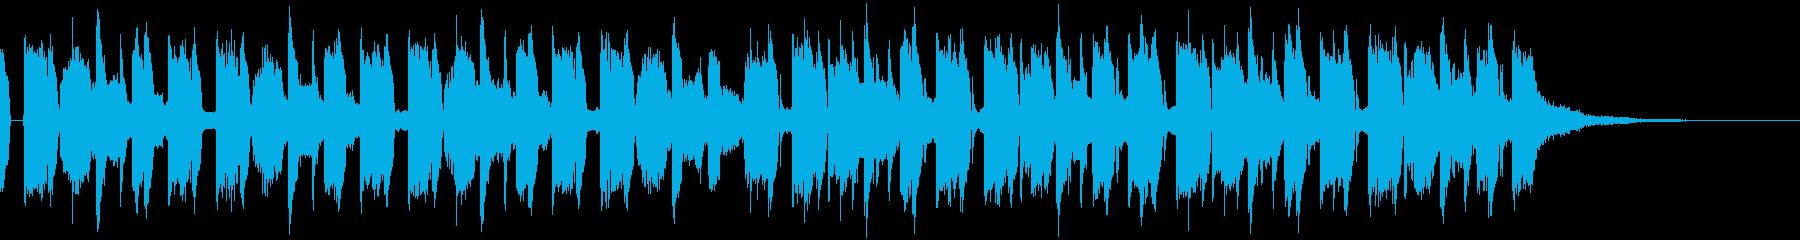 EDM・わくわくほのぼの・優しいジングルの再生済みの波形